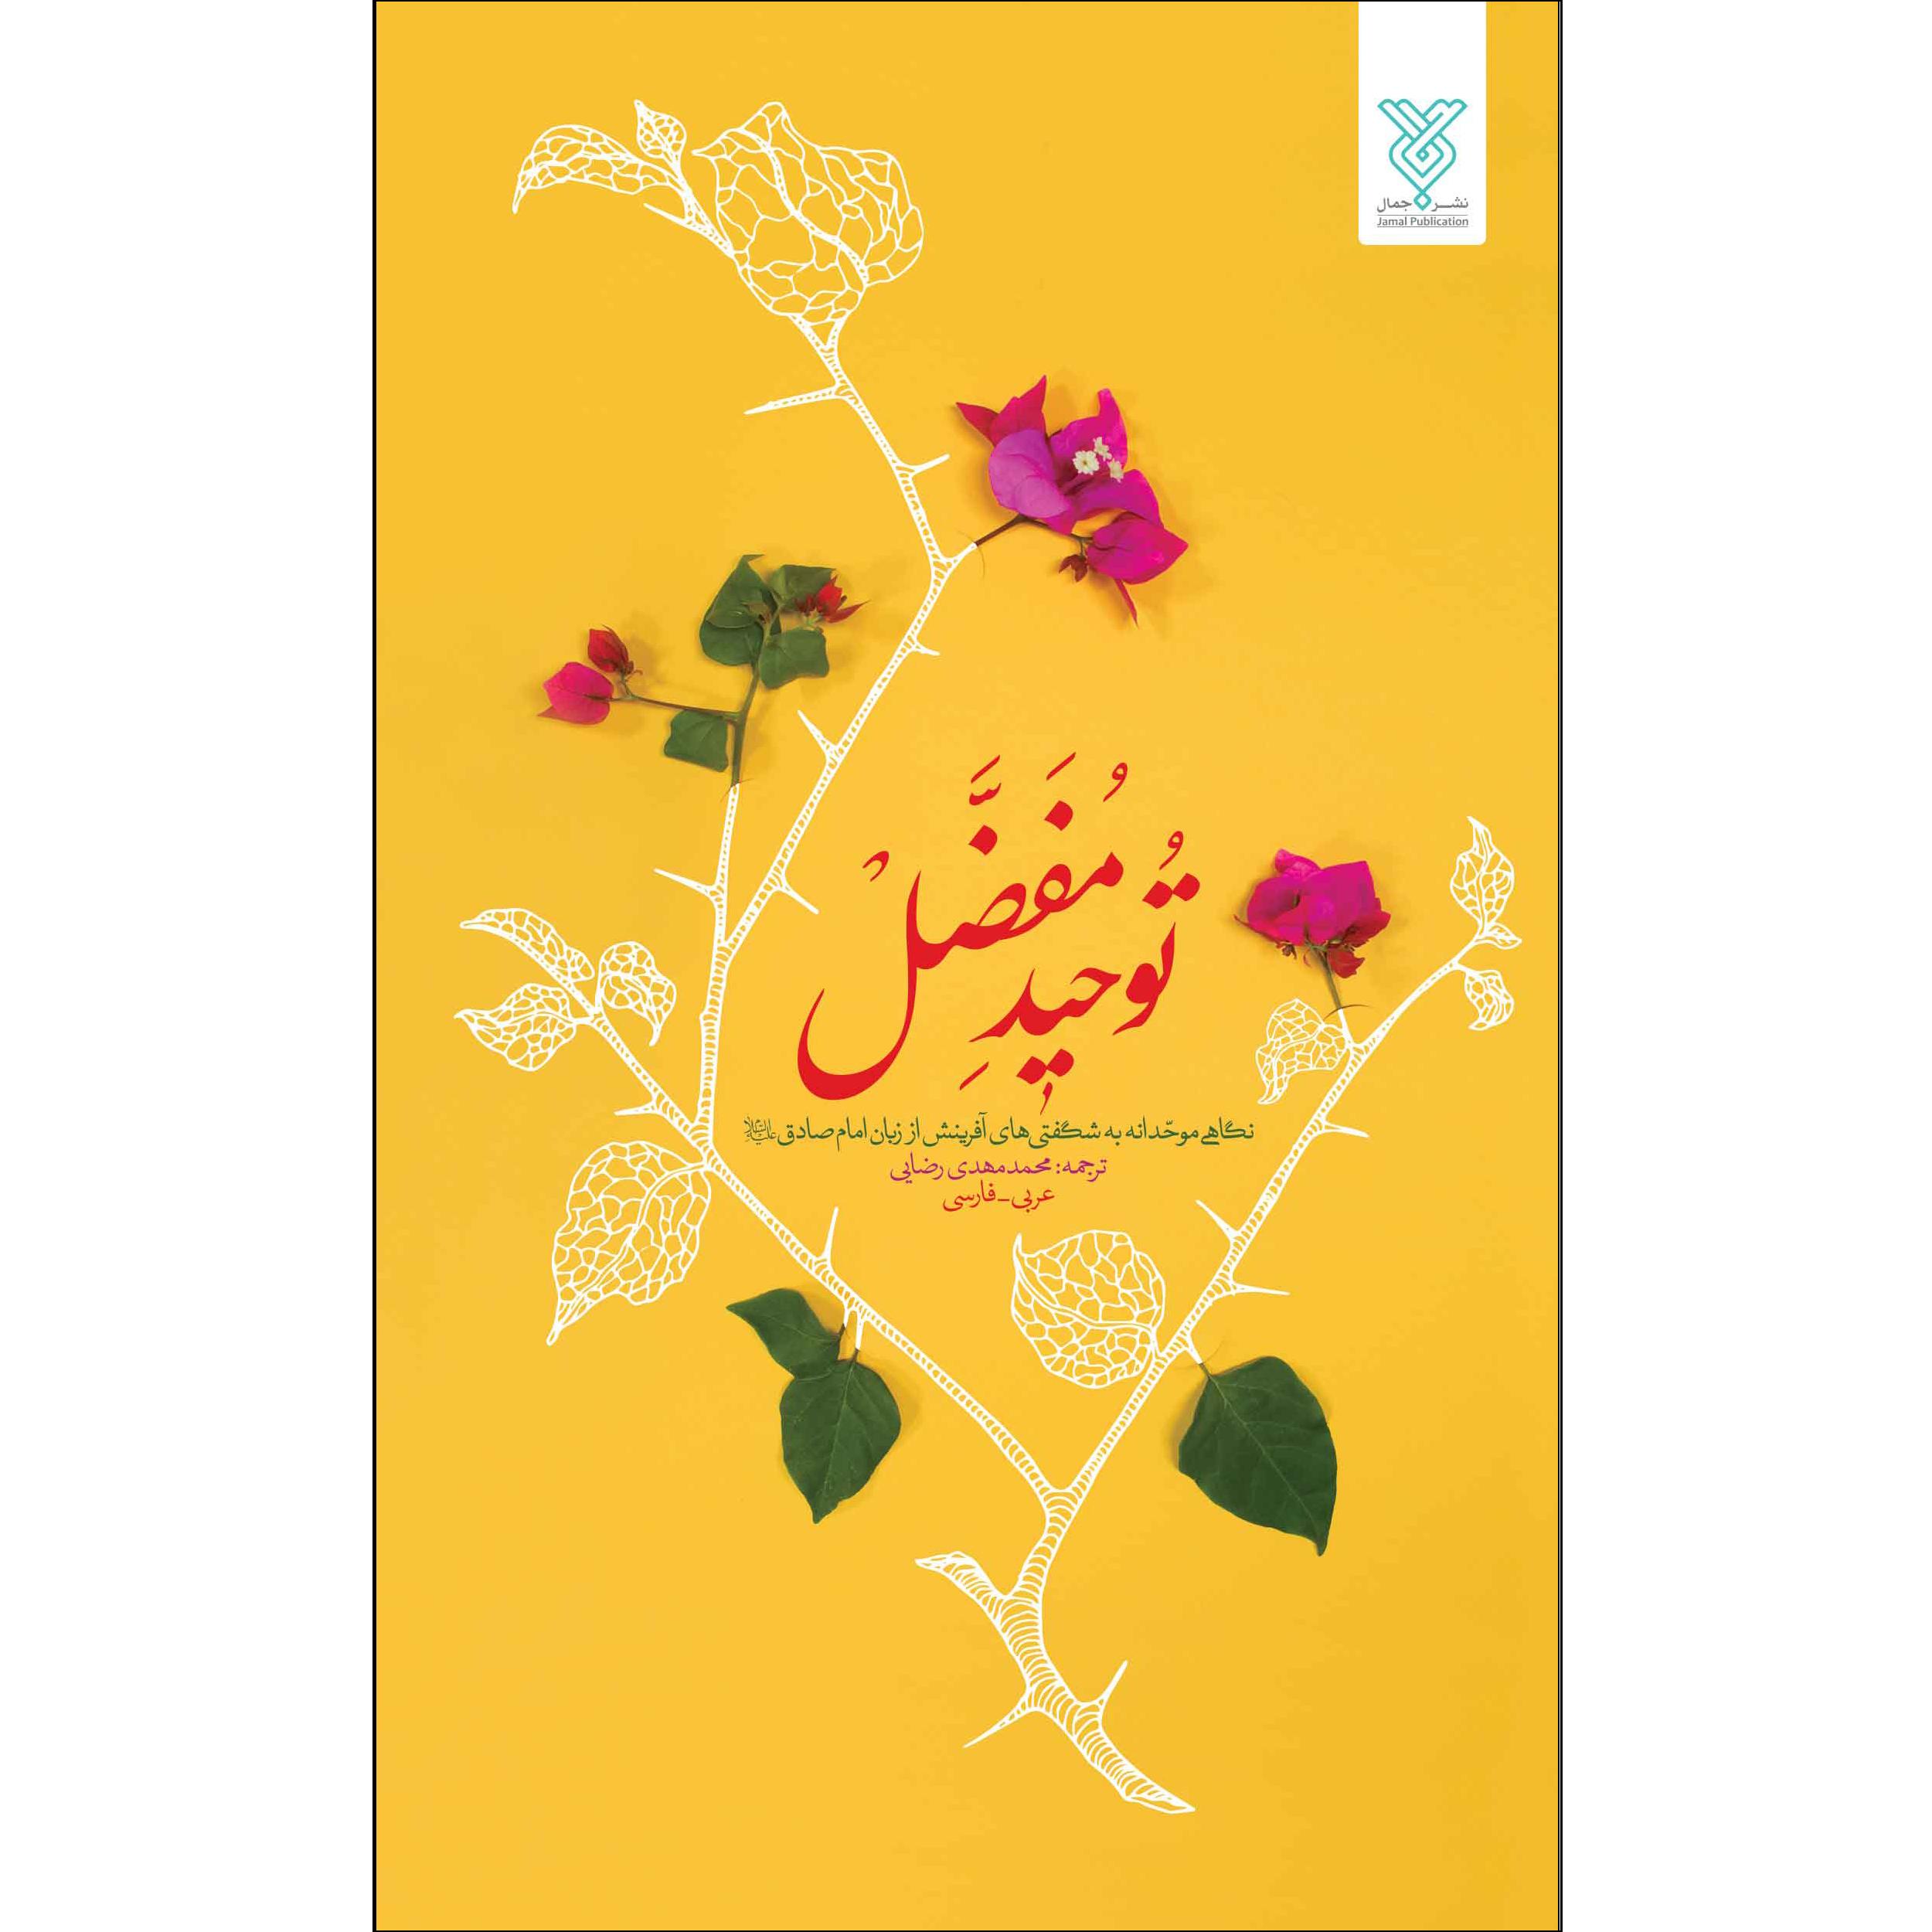 کتاب توحید مفضل اثر محمد مهدی رضایی نشر جمال